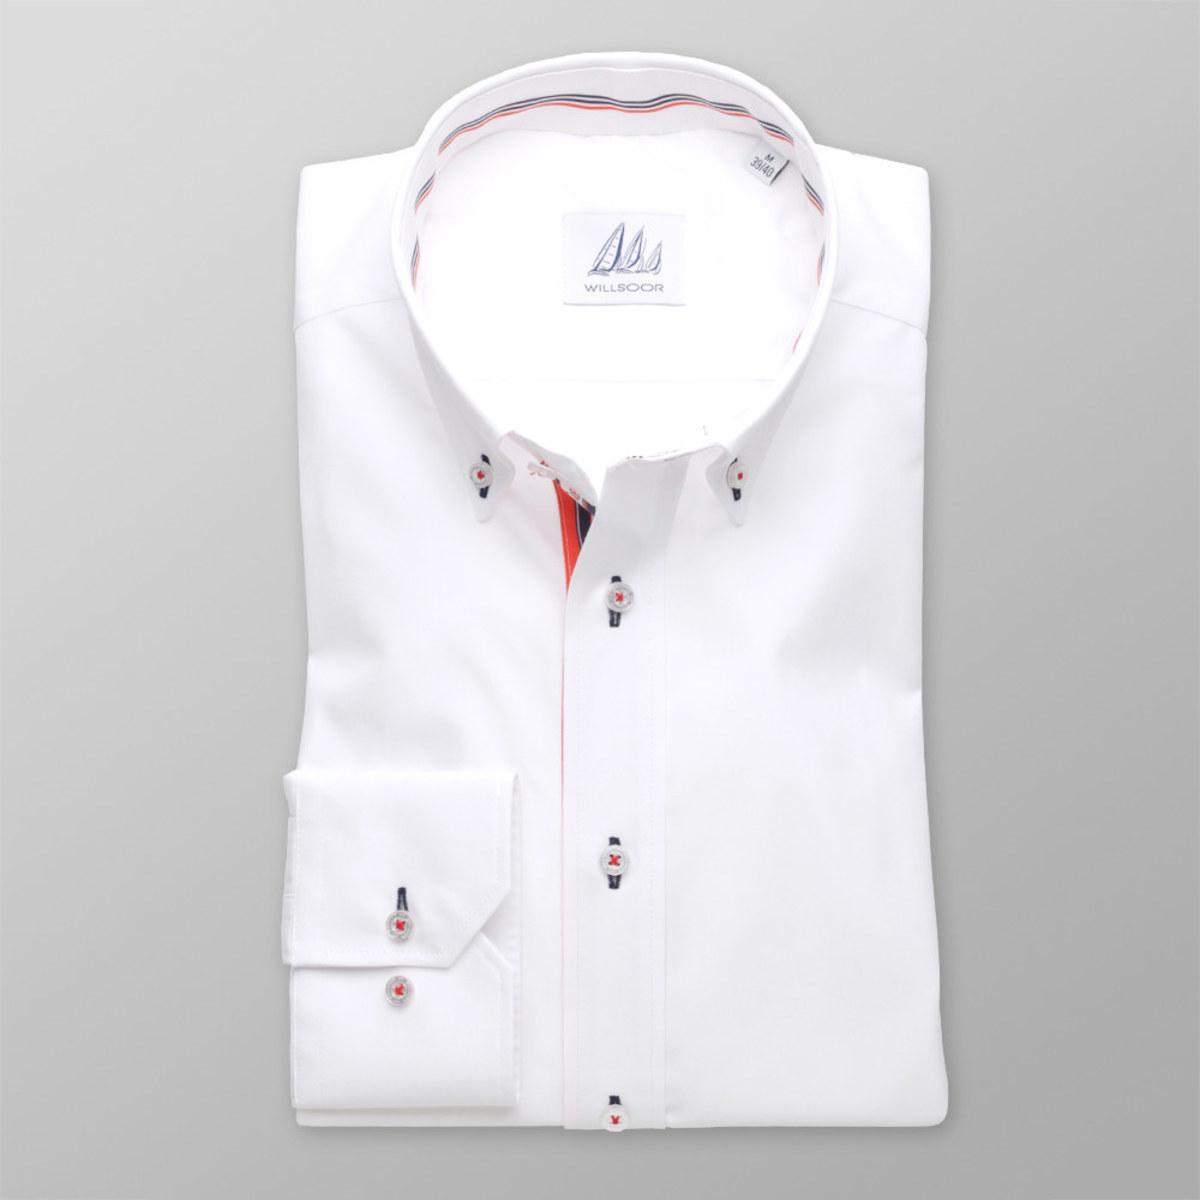 Pánská slim fit košile (výška 176-182 i 188-194) 8300 v bílé barvě 176-182 / M (39/40)